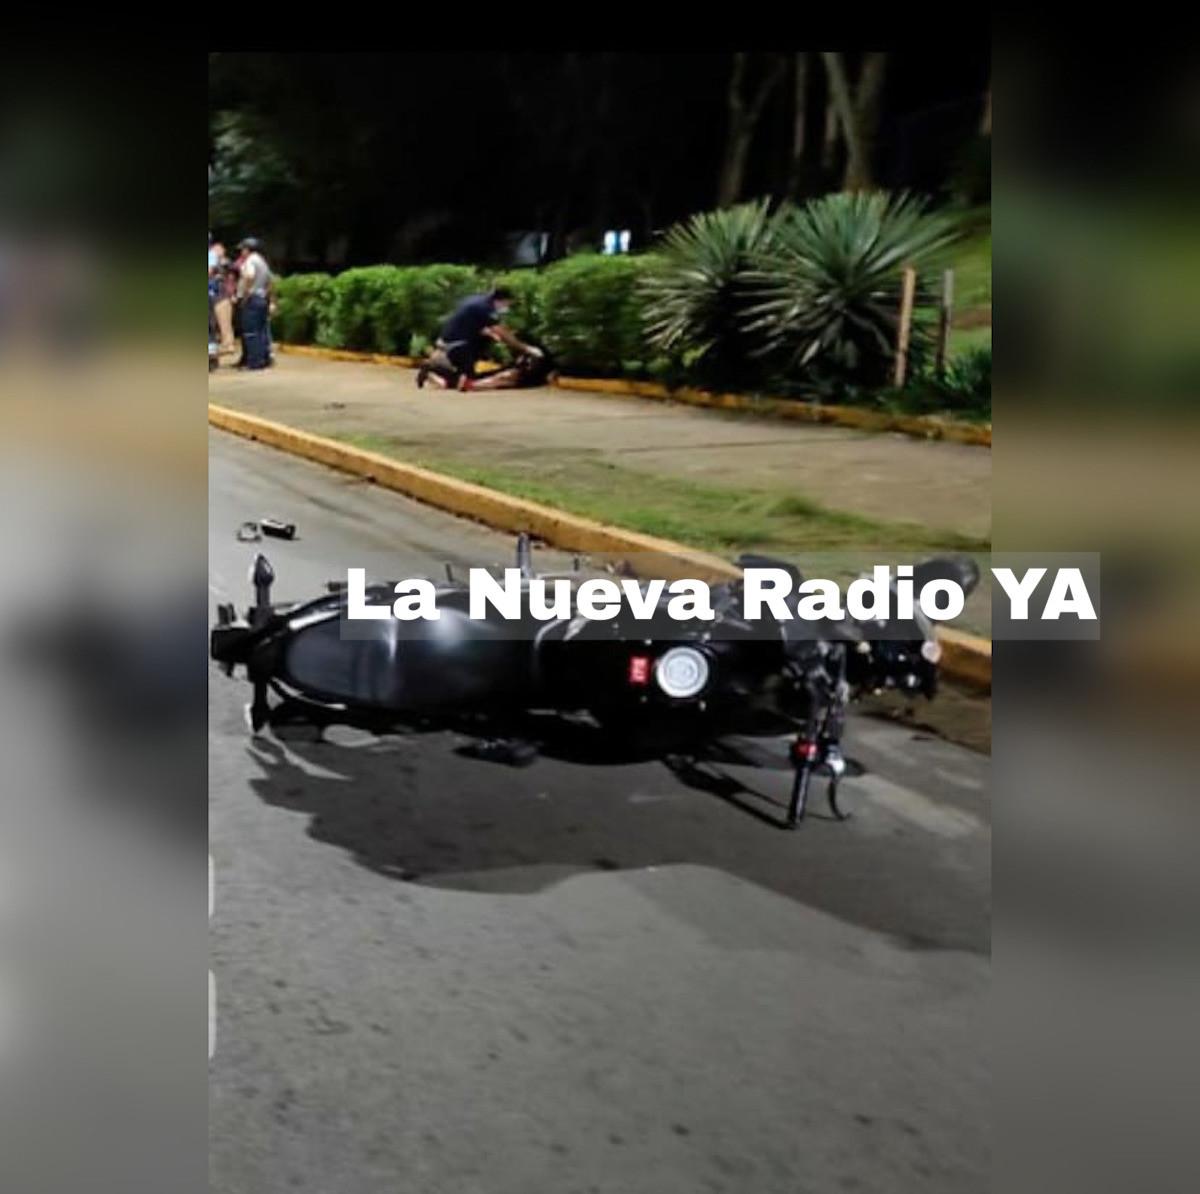 El accidente ocurrió de los semáforos del Ministerio de Gobernación 50 metros al sur